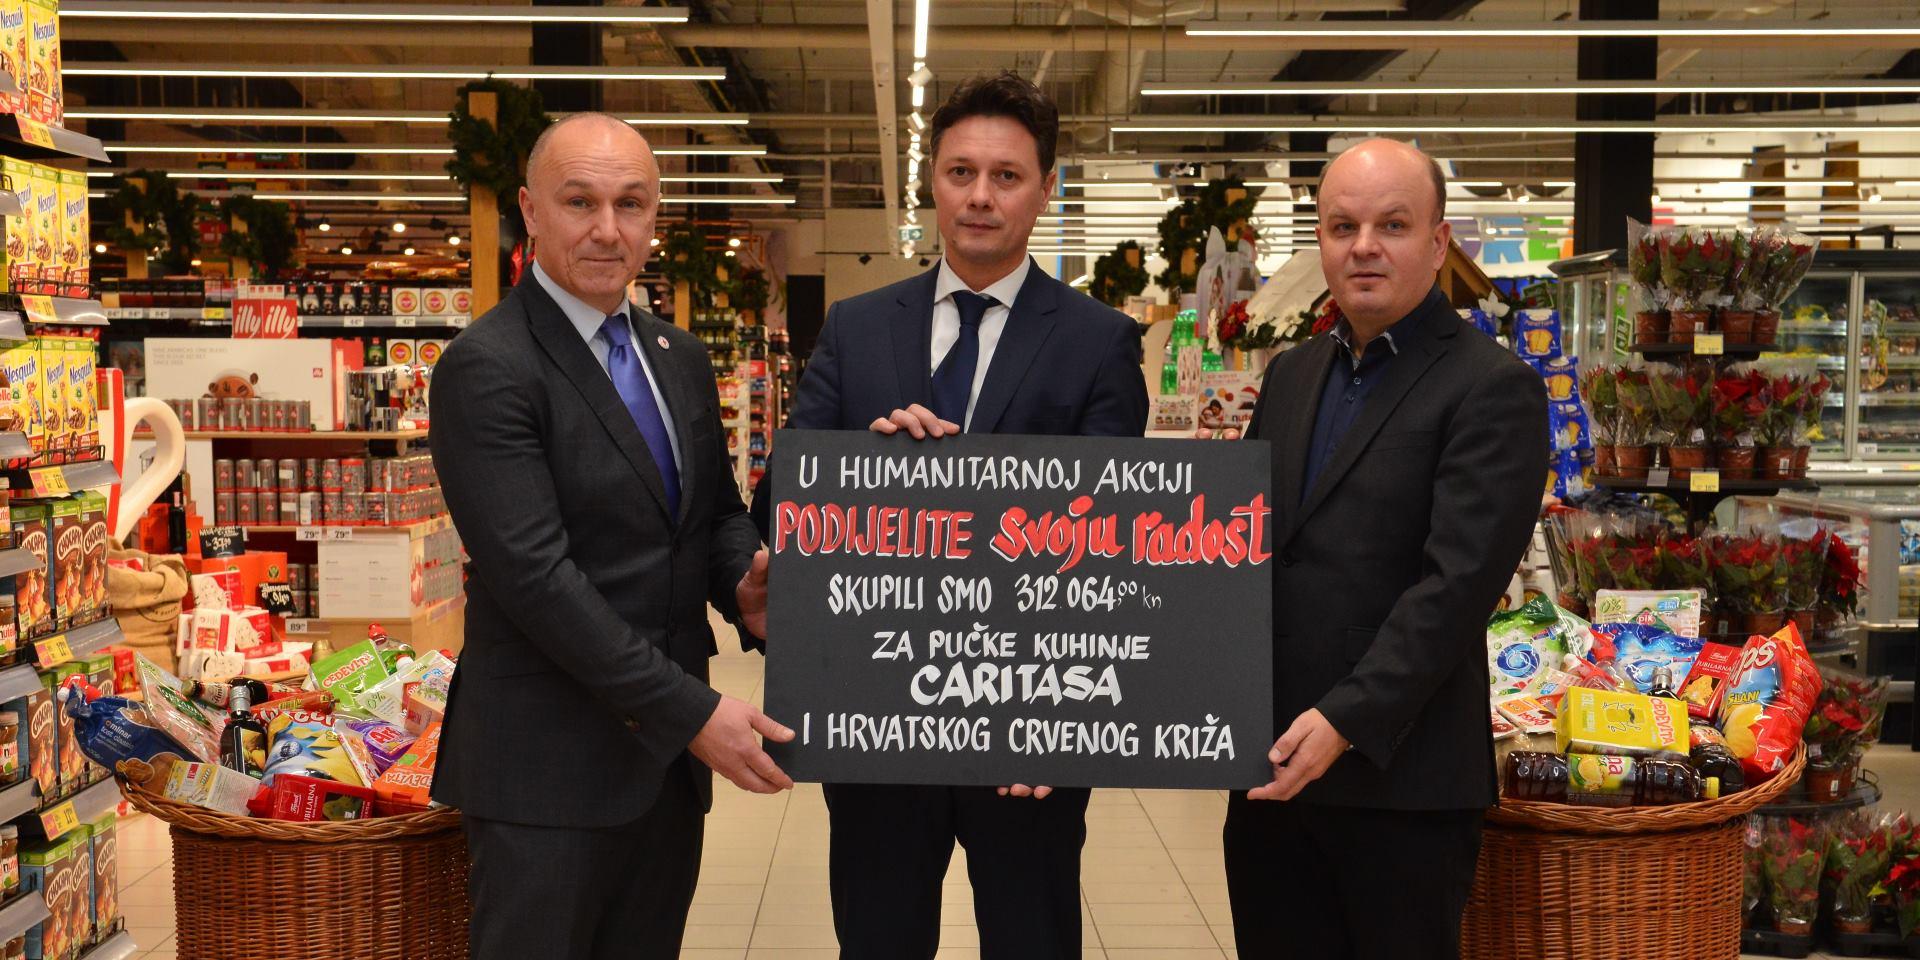 Humanitarna akcija Konzuma i domaćih dobavljača prikupila 312 tisuća kuna